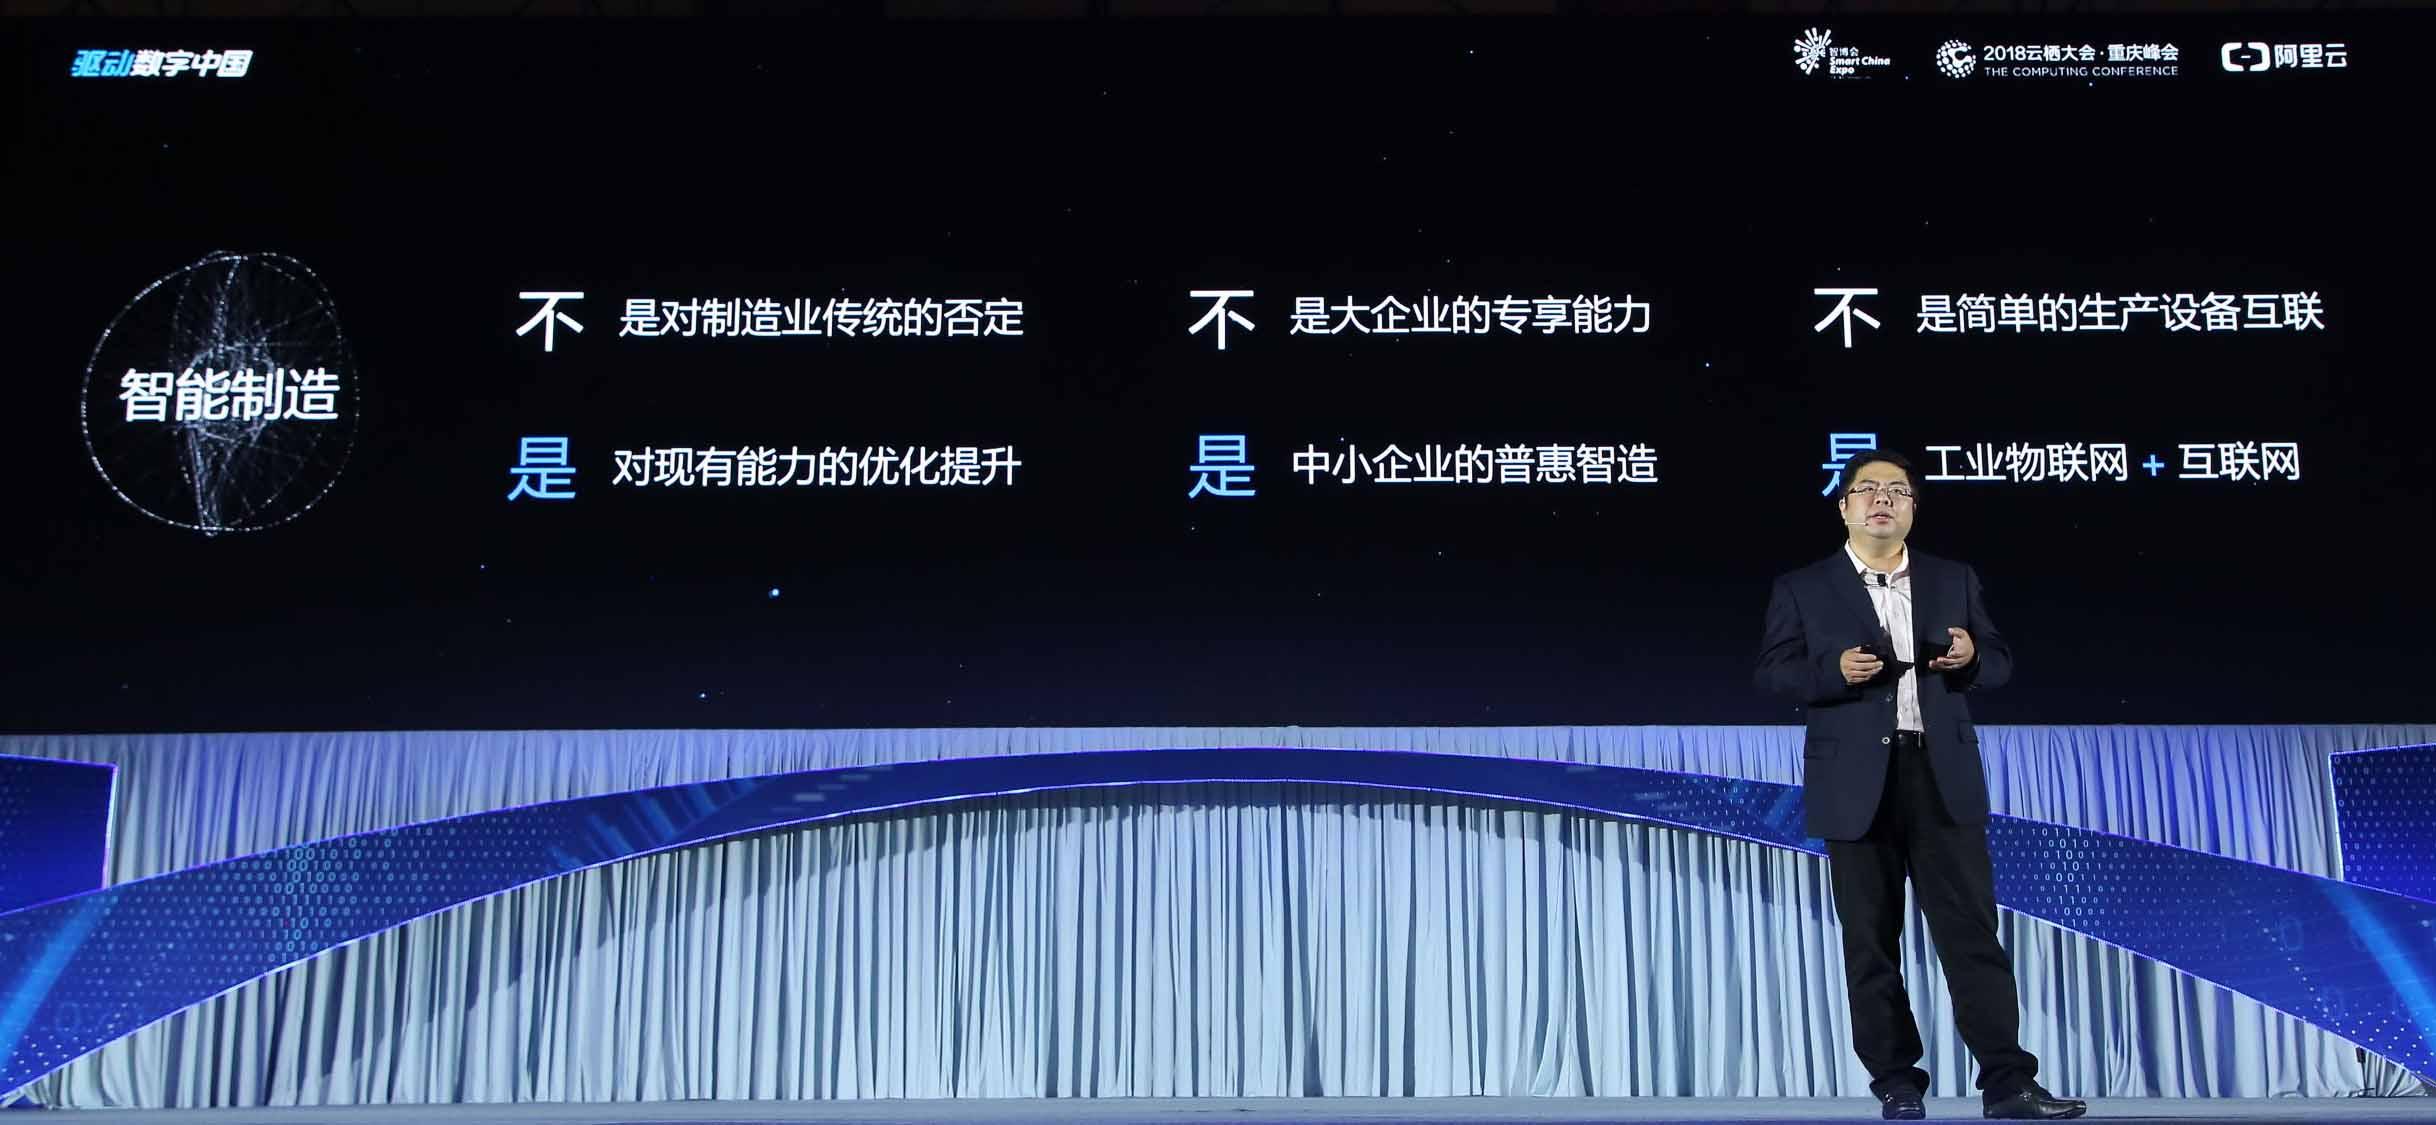 库伟介绍阿里云IoT在智能制造上的重要定位